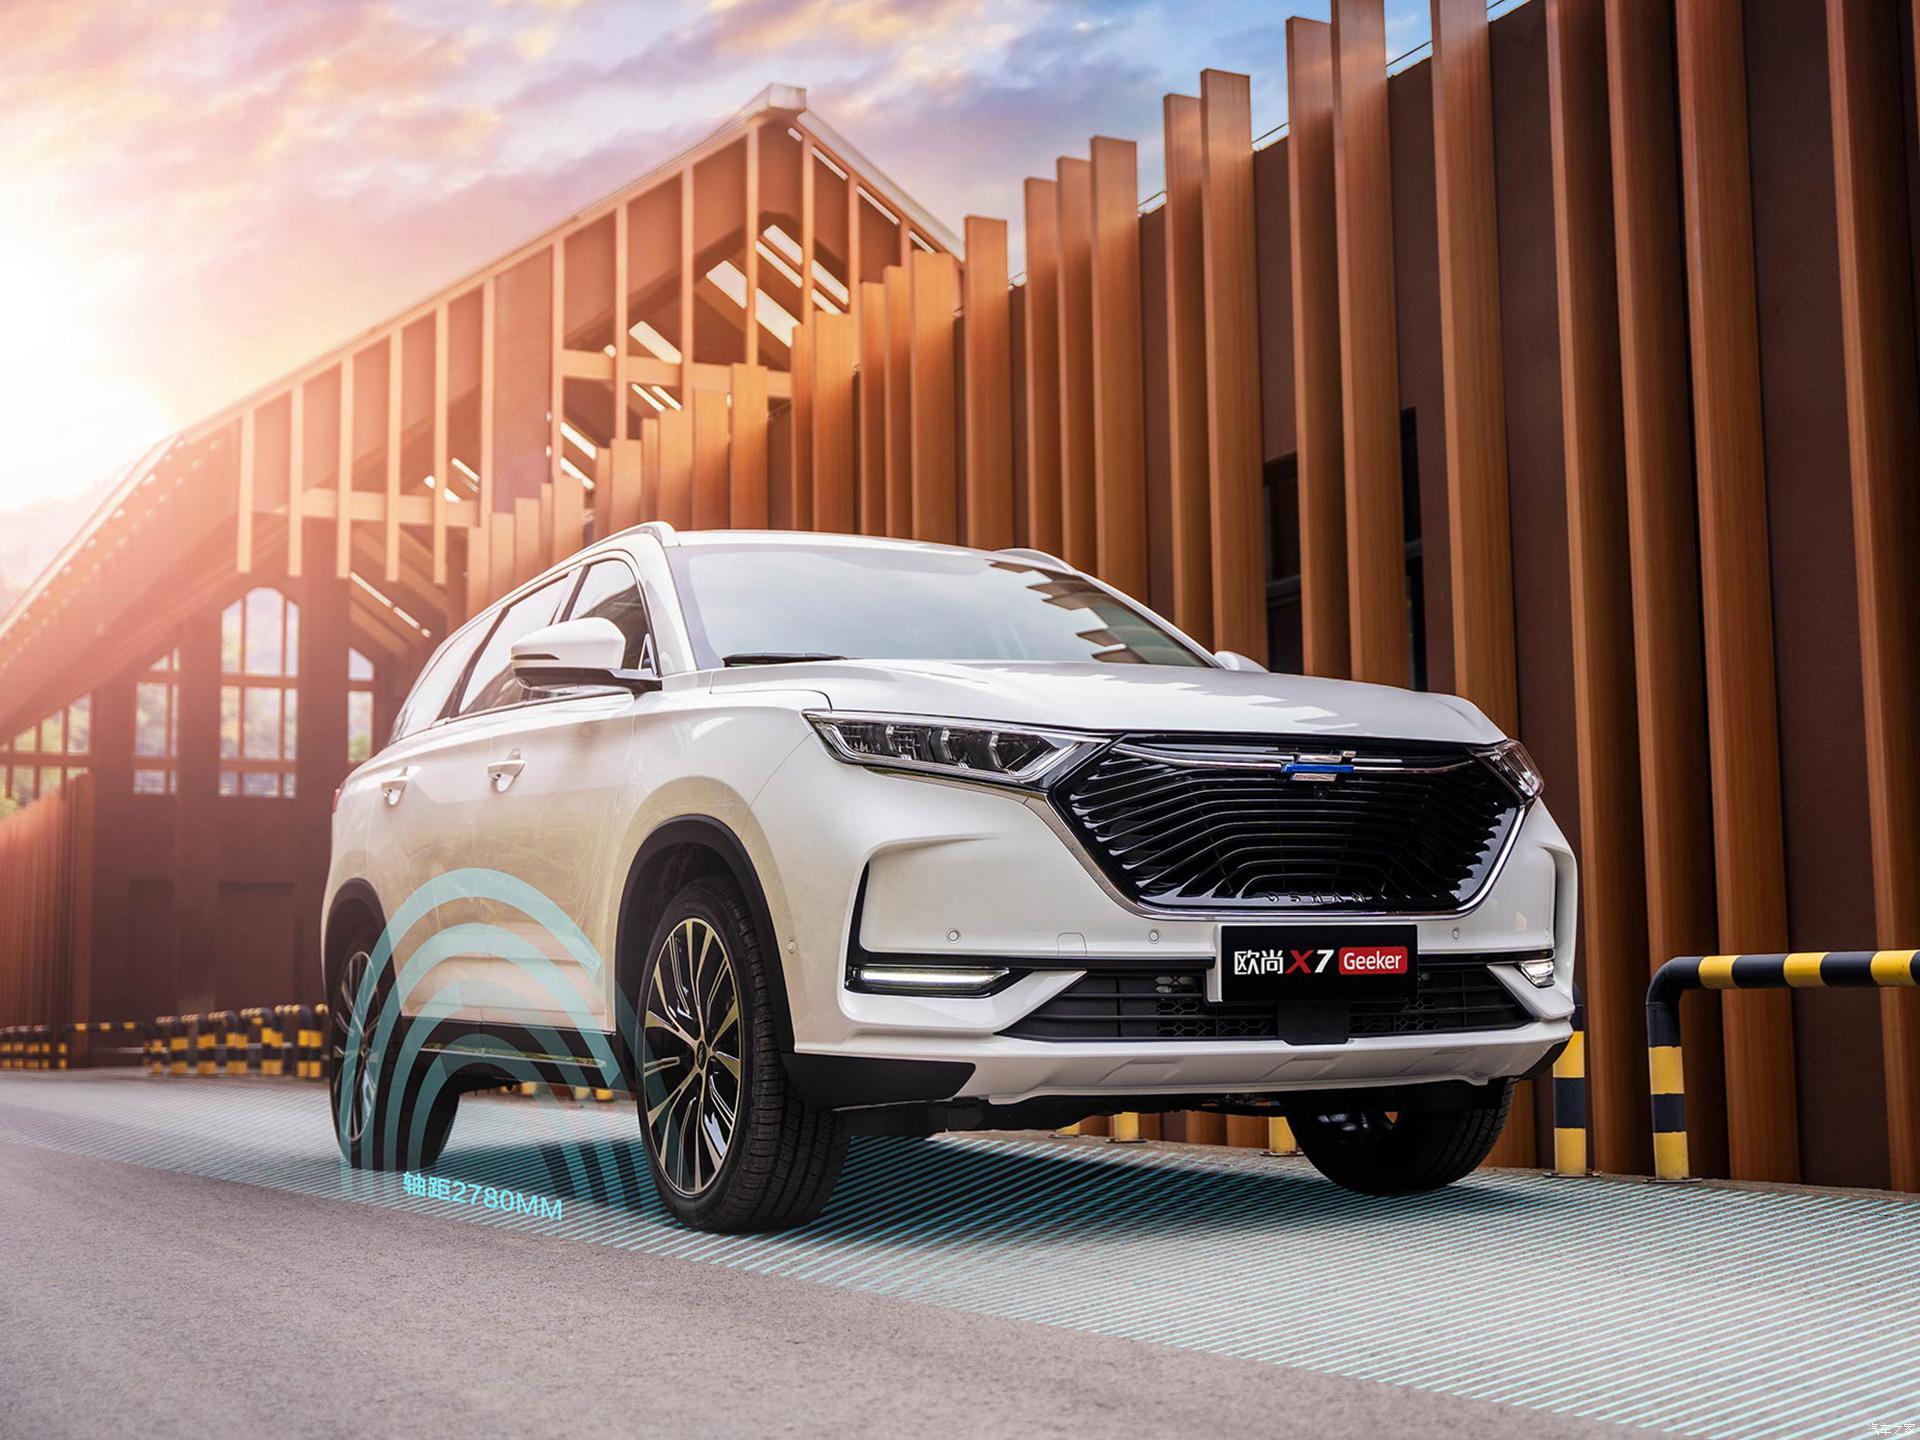 Новый конкурент Mazda CX-5 за 1,33 миллиона рублей вышел на рынок: стартовали продажи Changan Auchan X7 Geeker